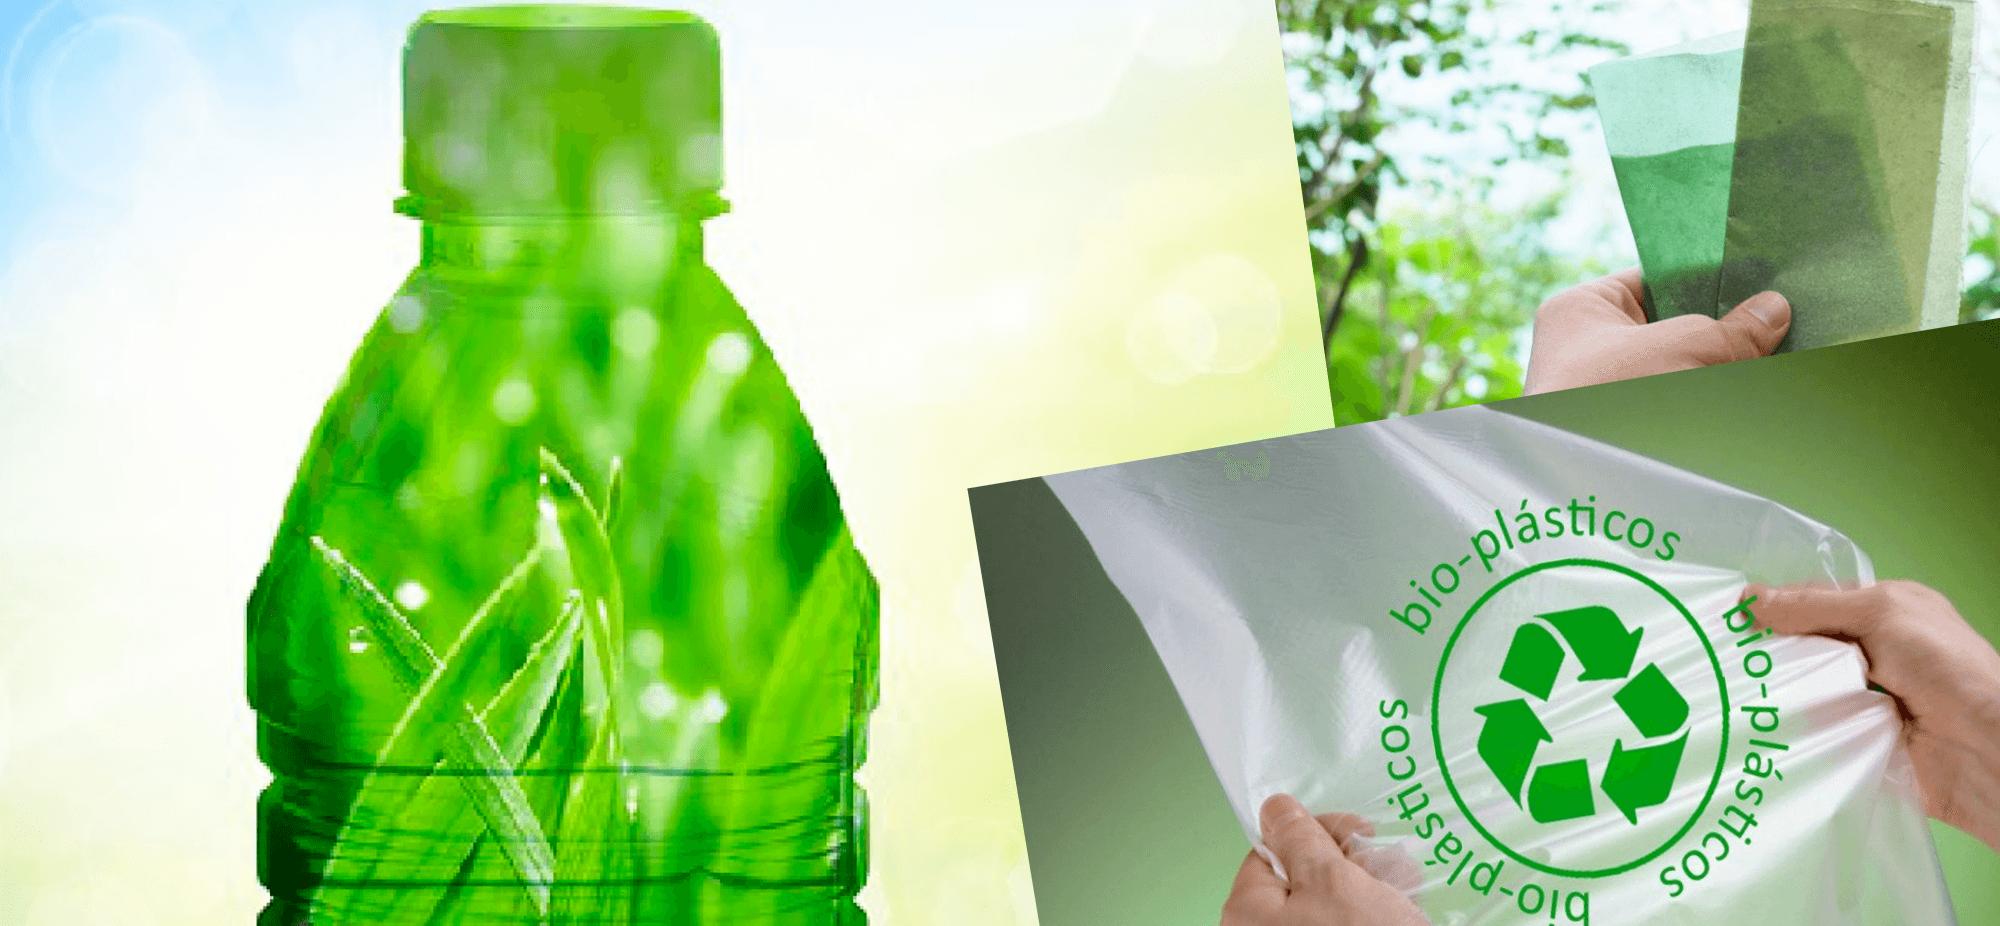 Los bioplásticos, ¿qué son? y para que sirven - Engimia